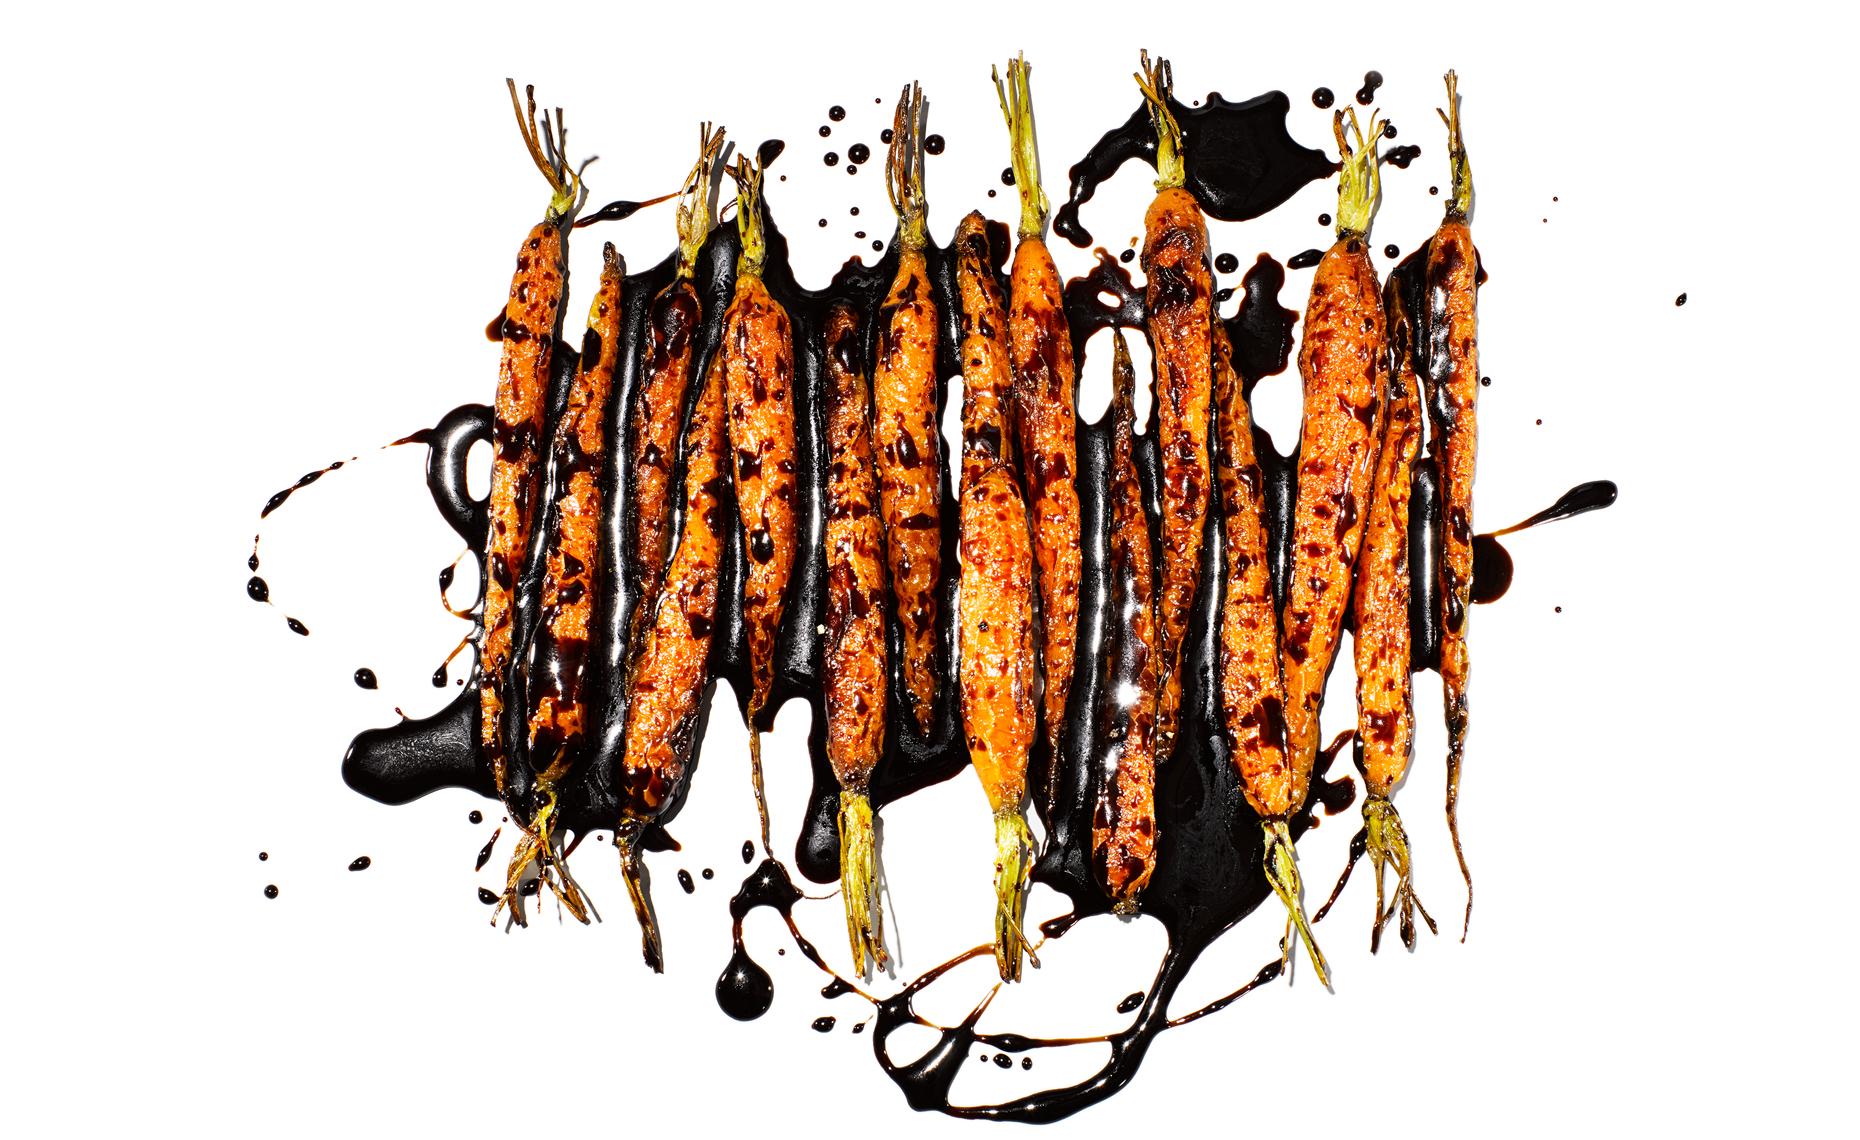 carrots balsamic horizontal resized.jpg